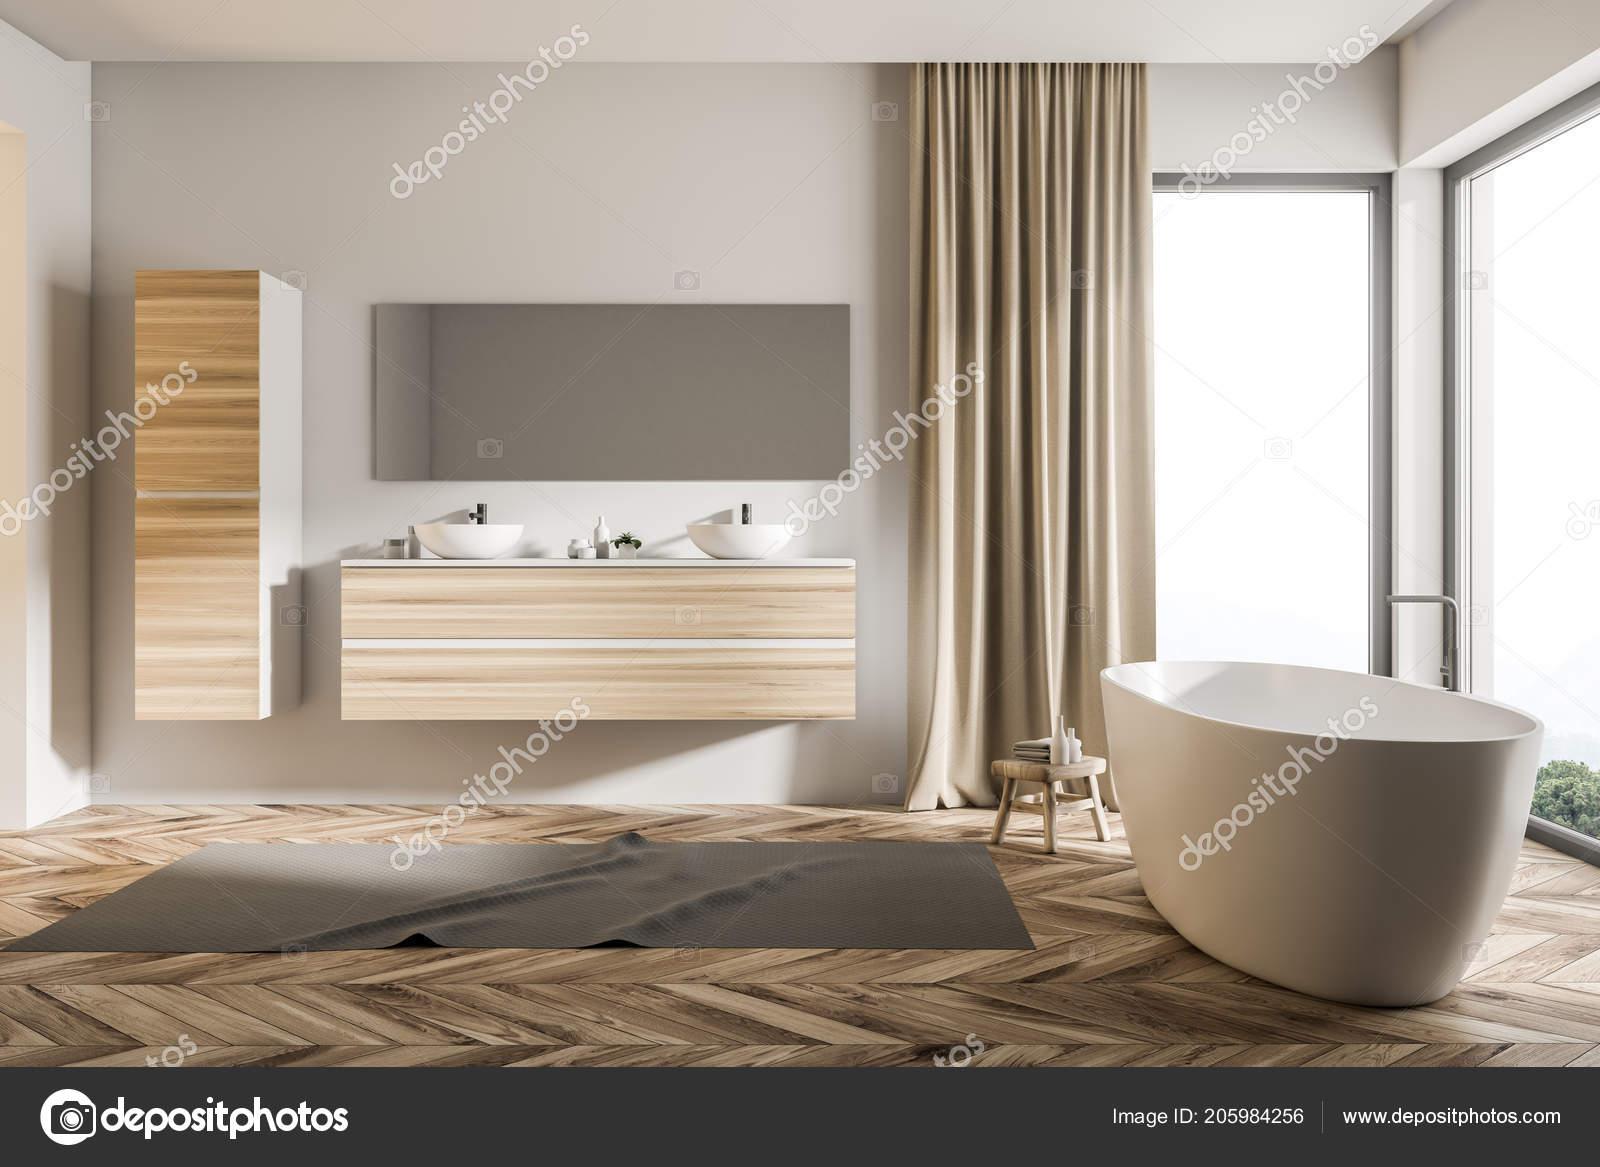 Loft badkamer interieur met een dubbele wastafel een houten plank